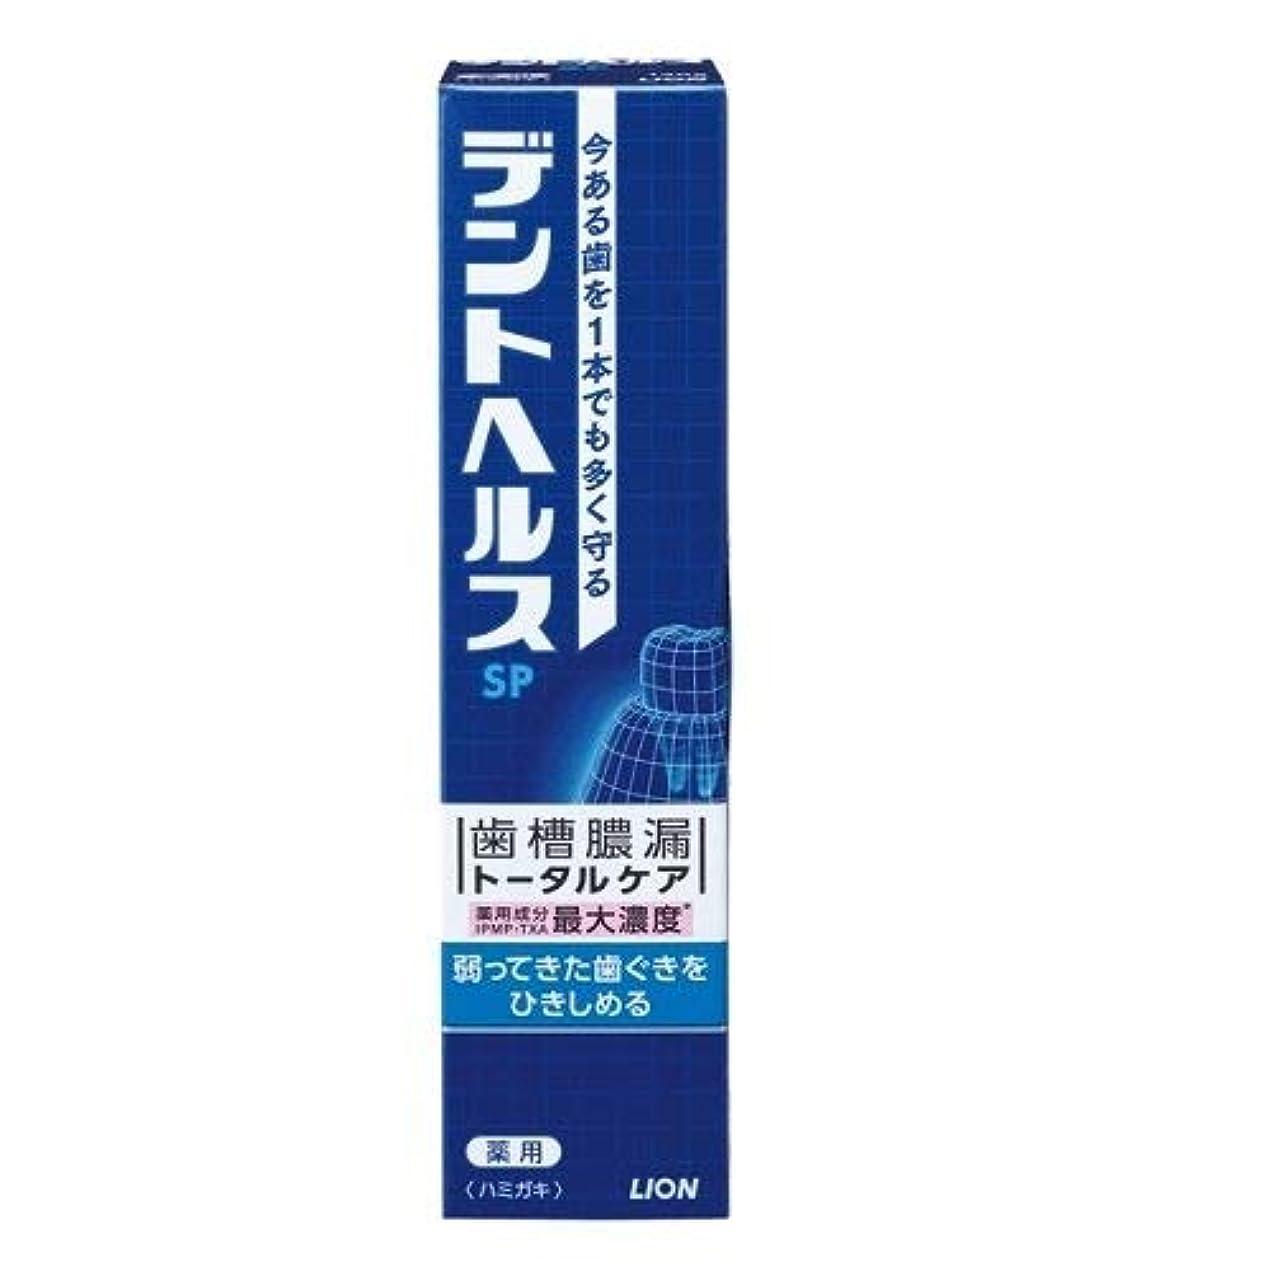 冒険者告発一般的にライオン デントヘルス 薬用ハミガキ SP 120g (医薬部外品)× 4